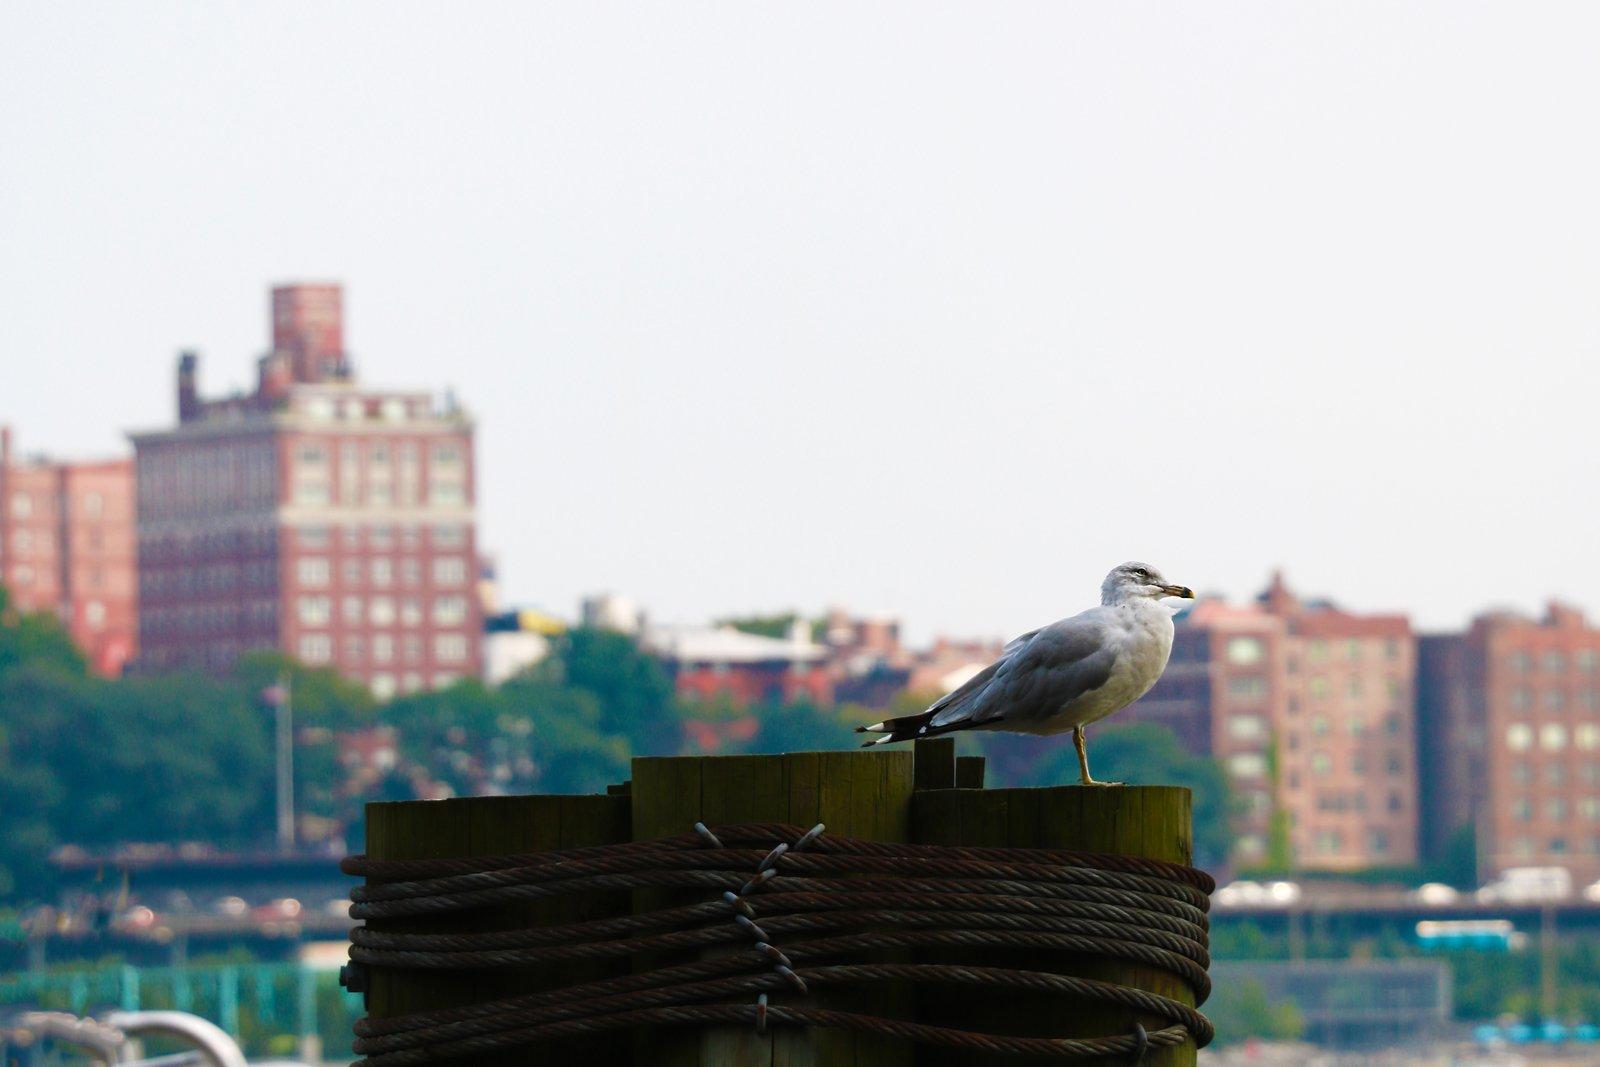 Borough Park Brooklyn, NY Private Investigator